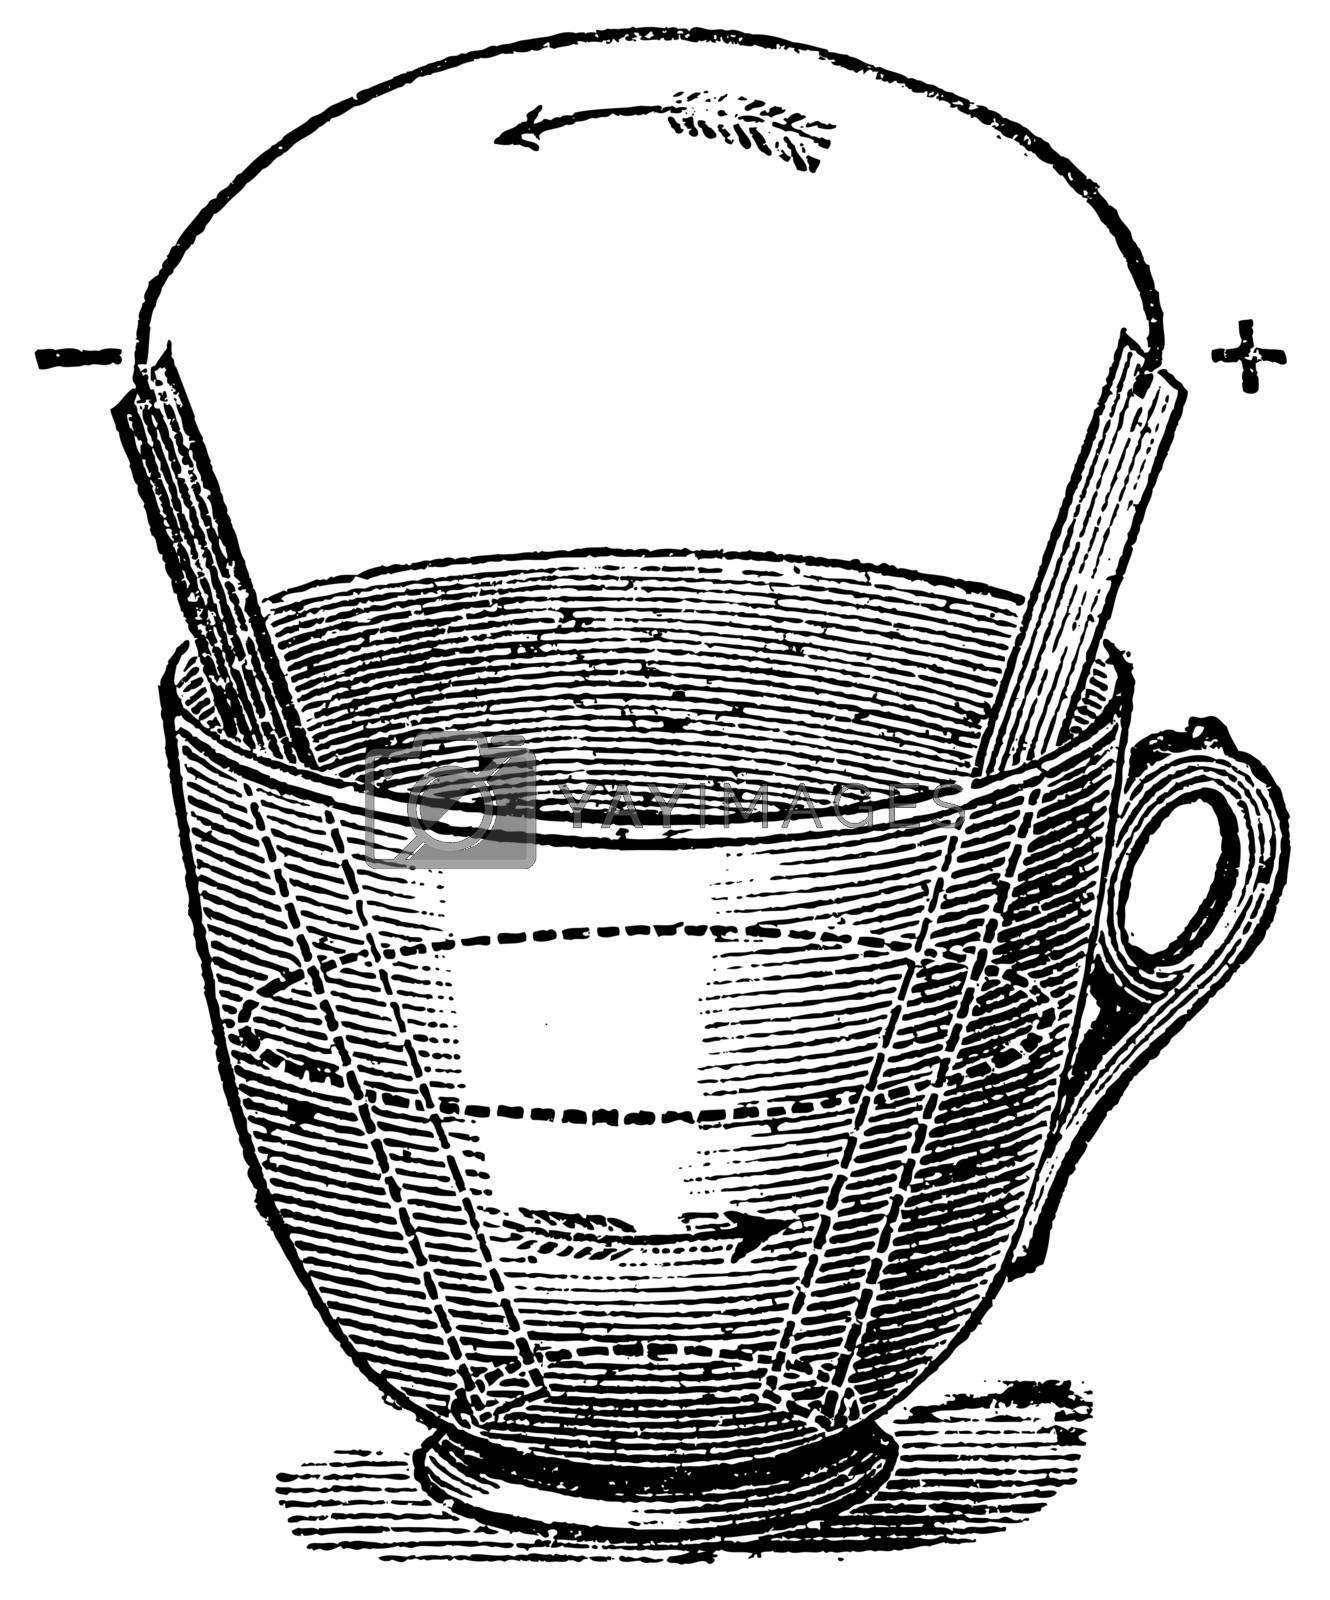 Simple Voltaic Pile, vintage engraved illustration. Trousset encyclopedia (1886 - 1891).